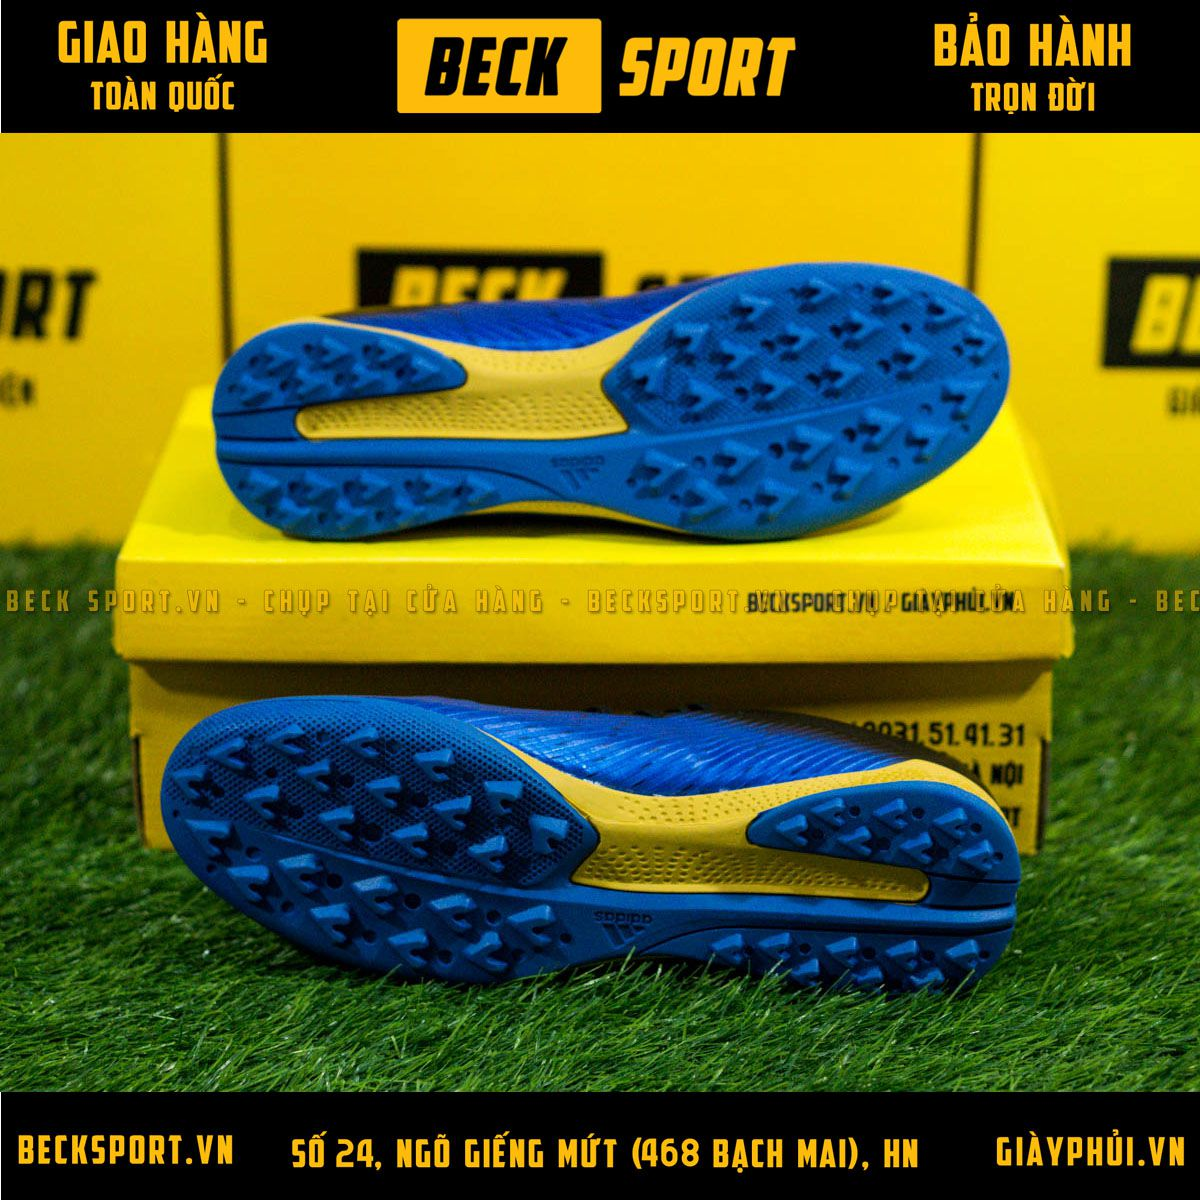 Giày Bóng Đá Adidas X 19.3 Xanh Biển Vạch Đồng Gót Đen V3 TF